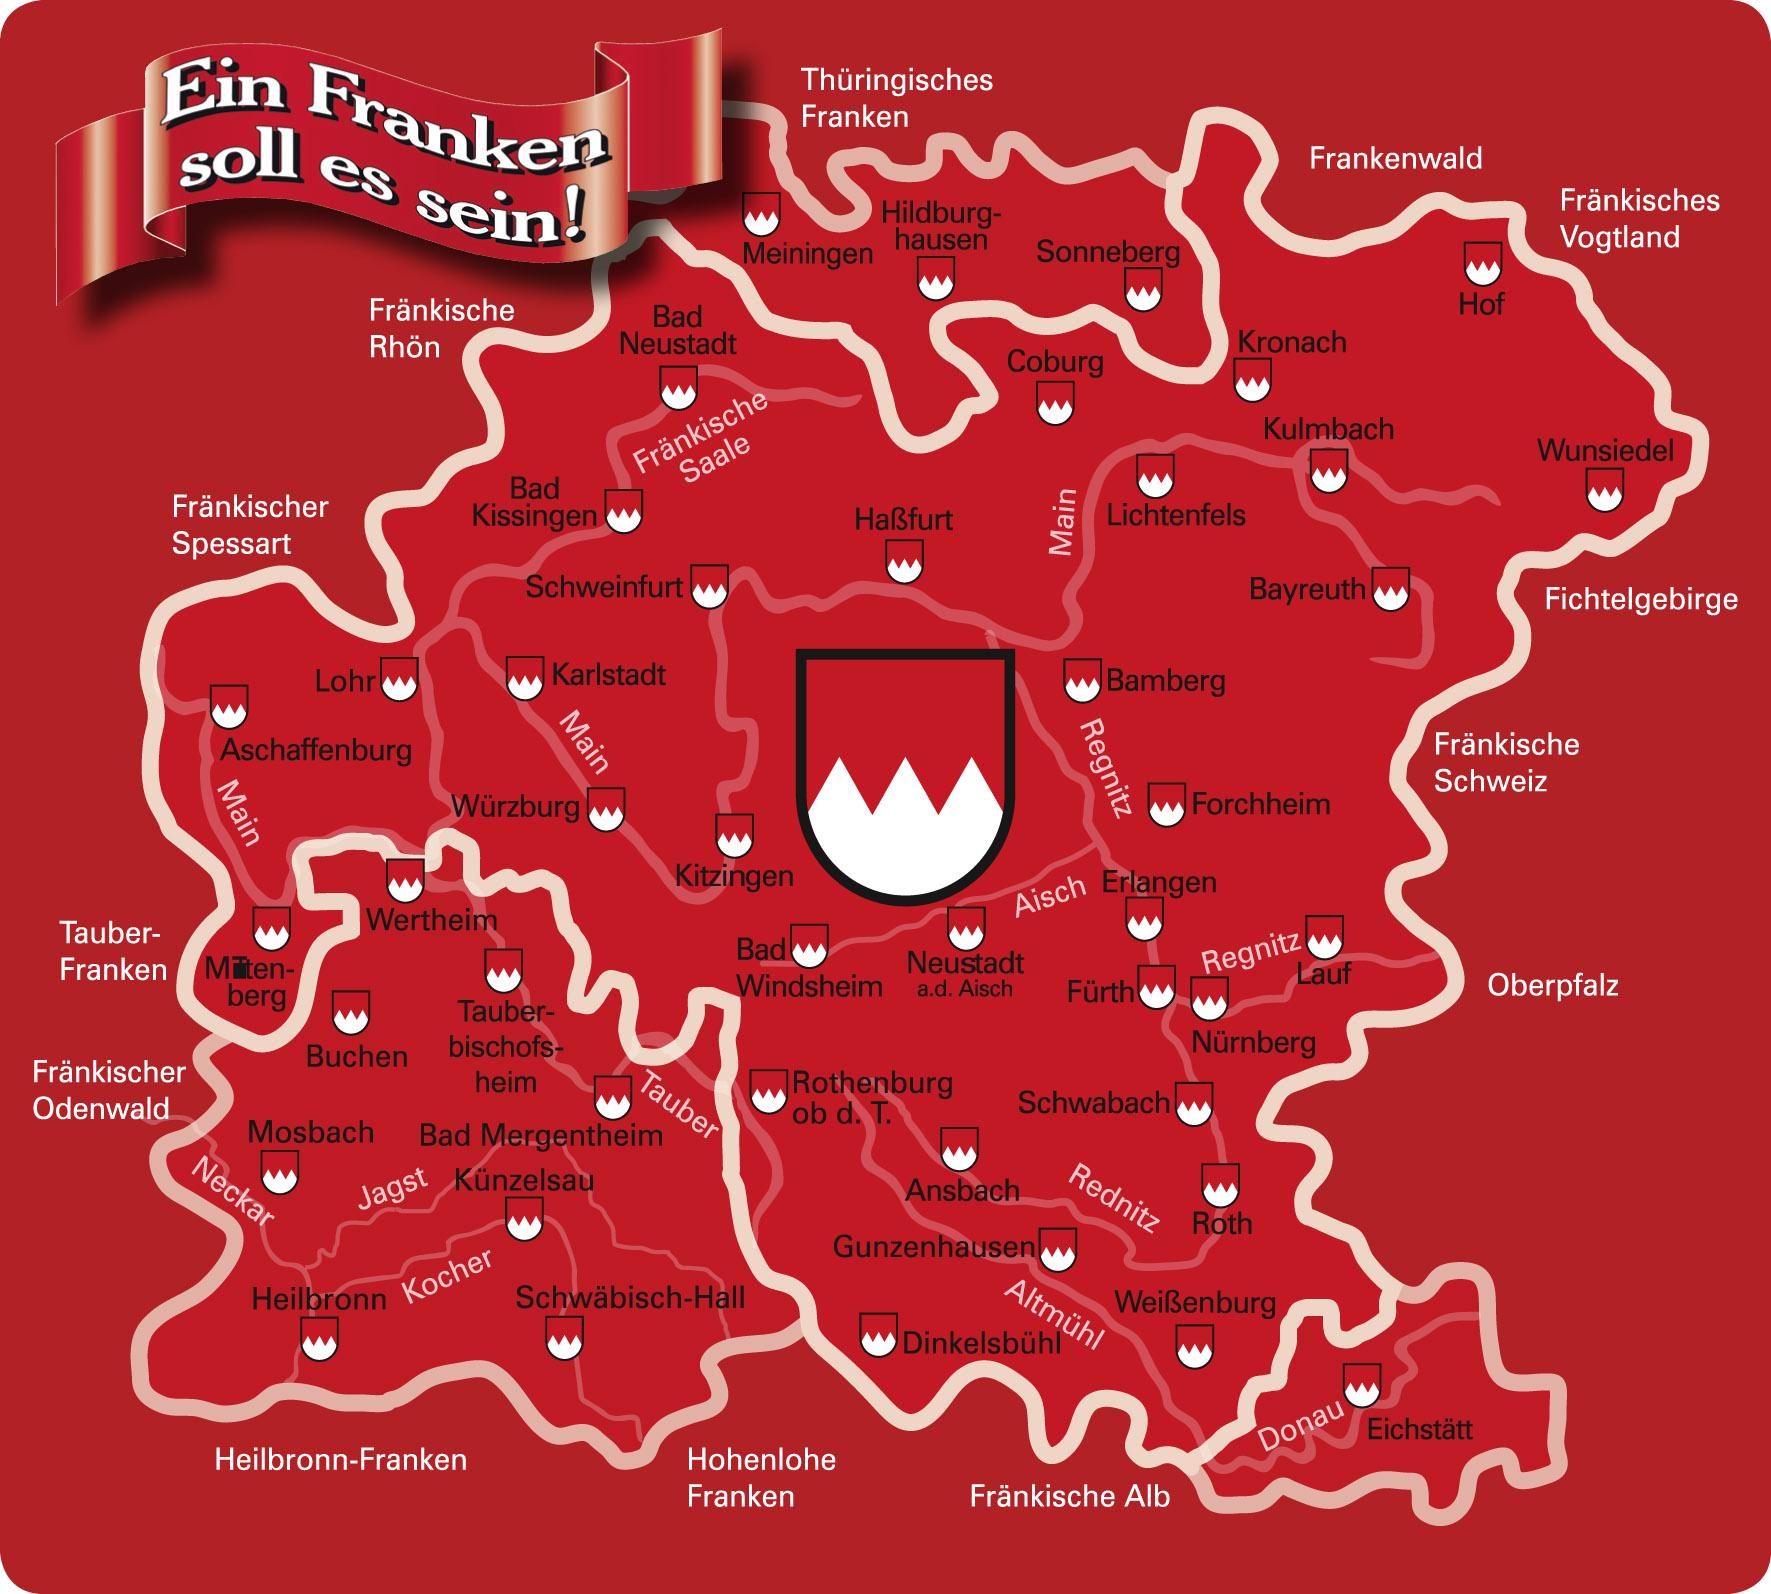 Brauerei Hofmühl/Eichstätt: Weissbier Dunkel (Nr. 1389)